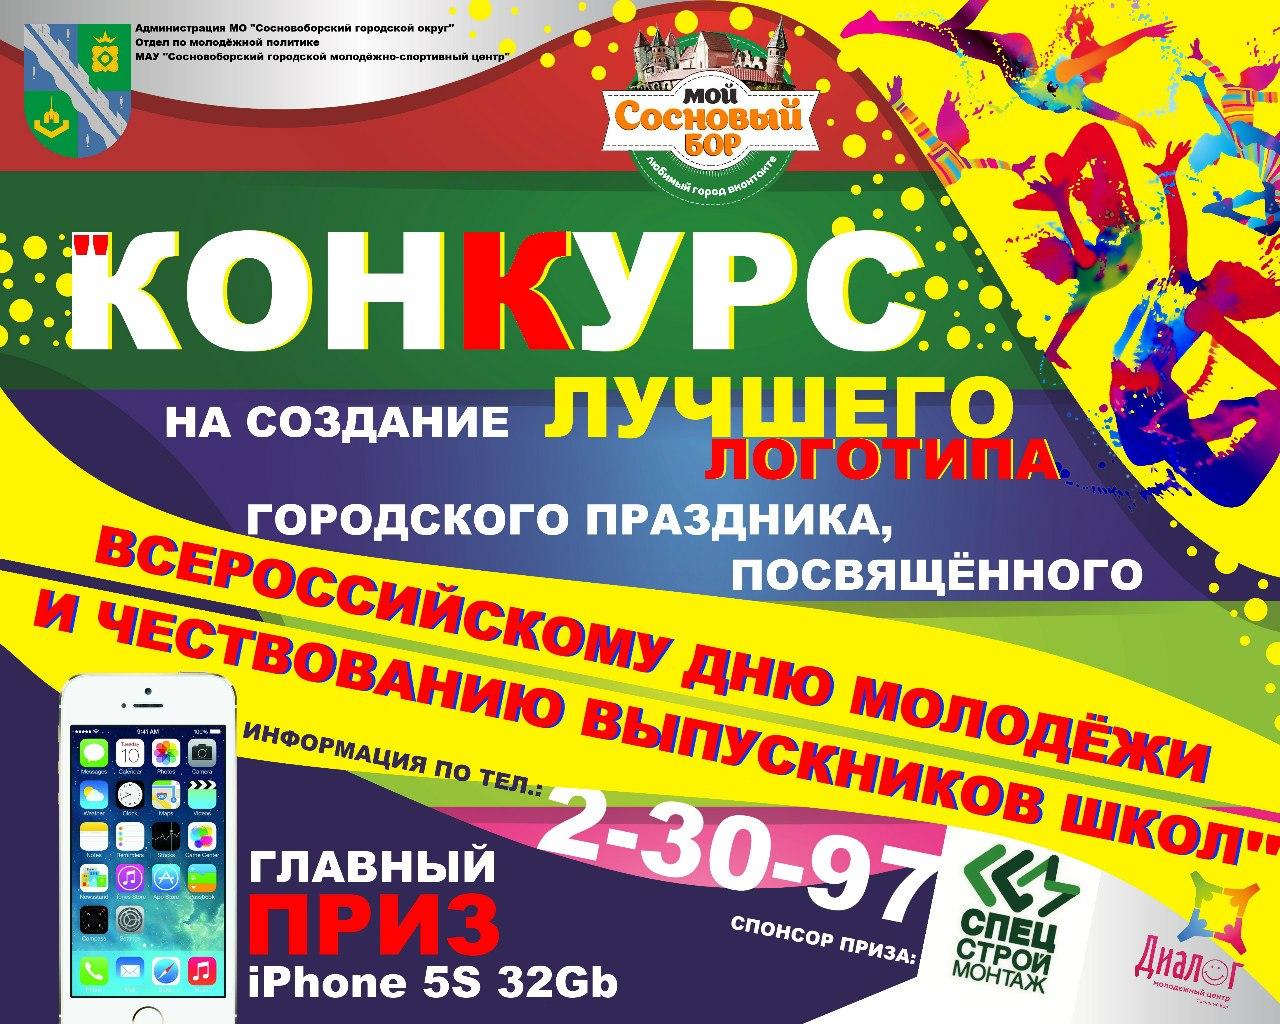 Впервые в Сосновом Бору разыграют iPhone 5S 32Gb!